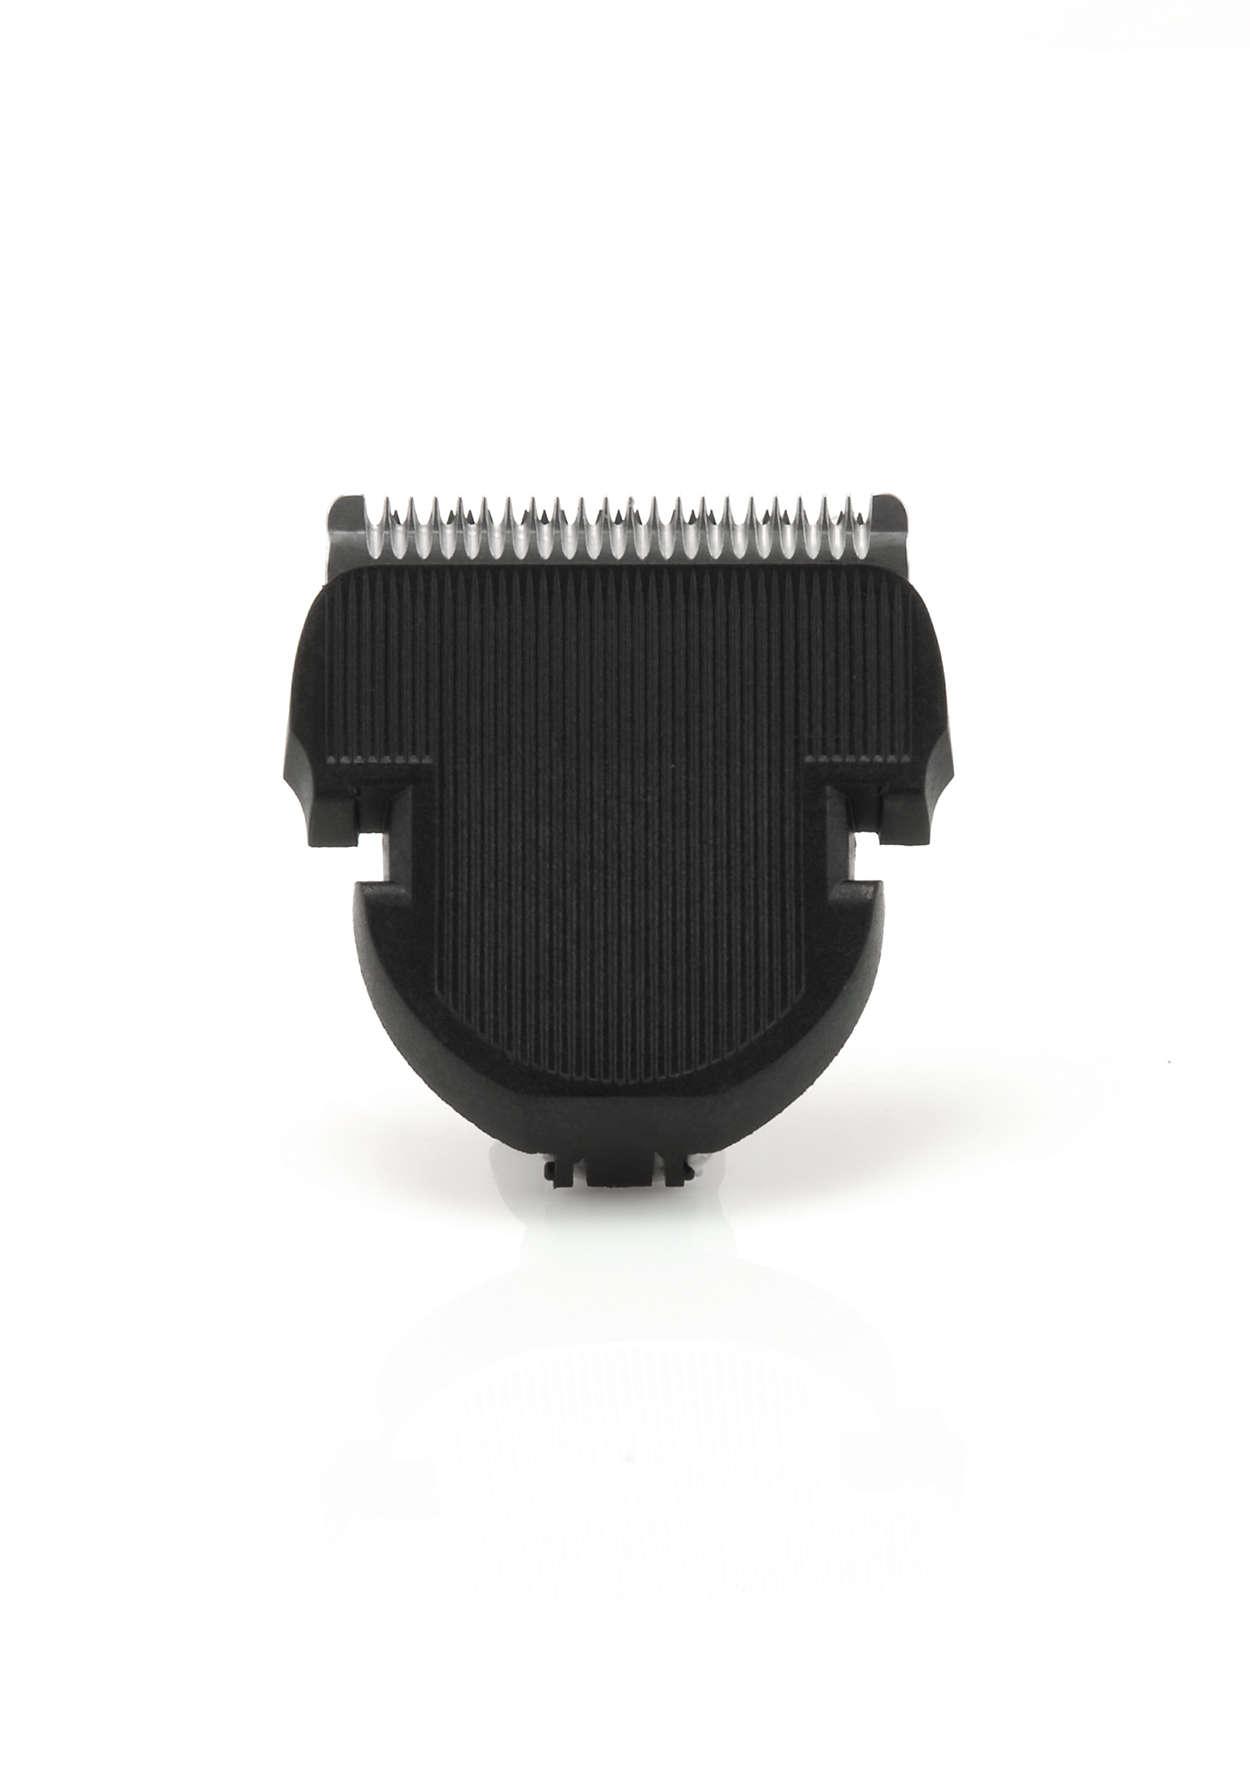 Akcesorium do maszynki do strzyżenia włosów